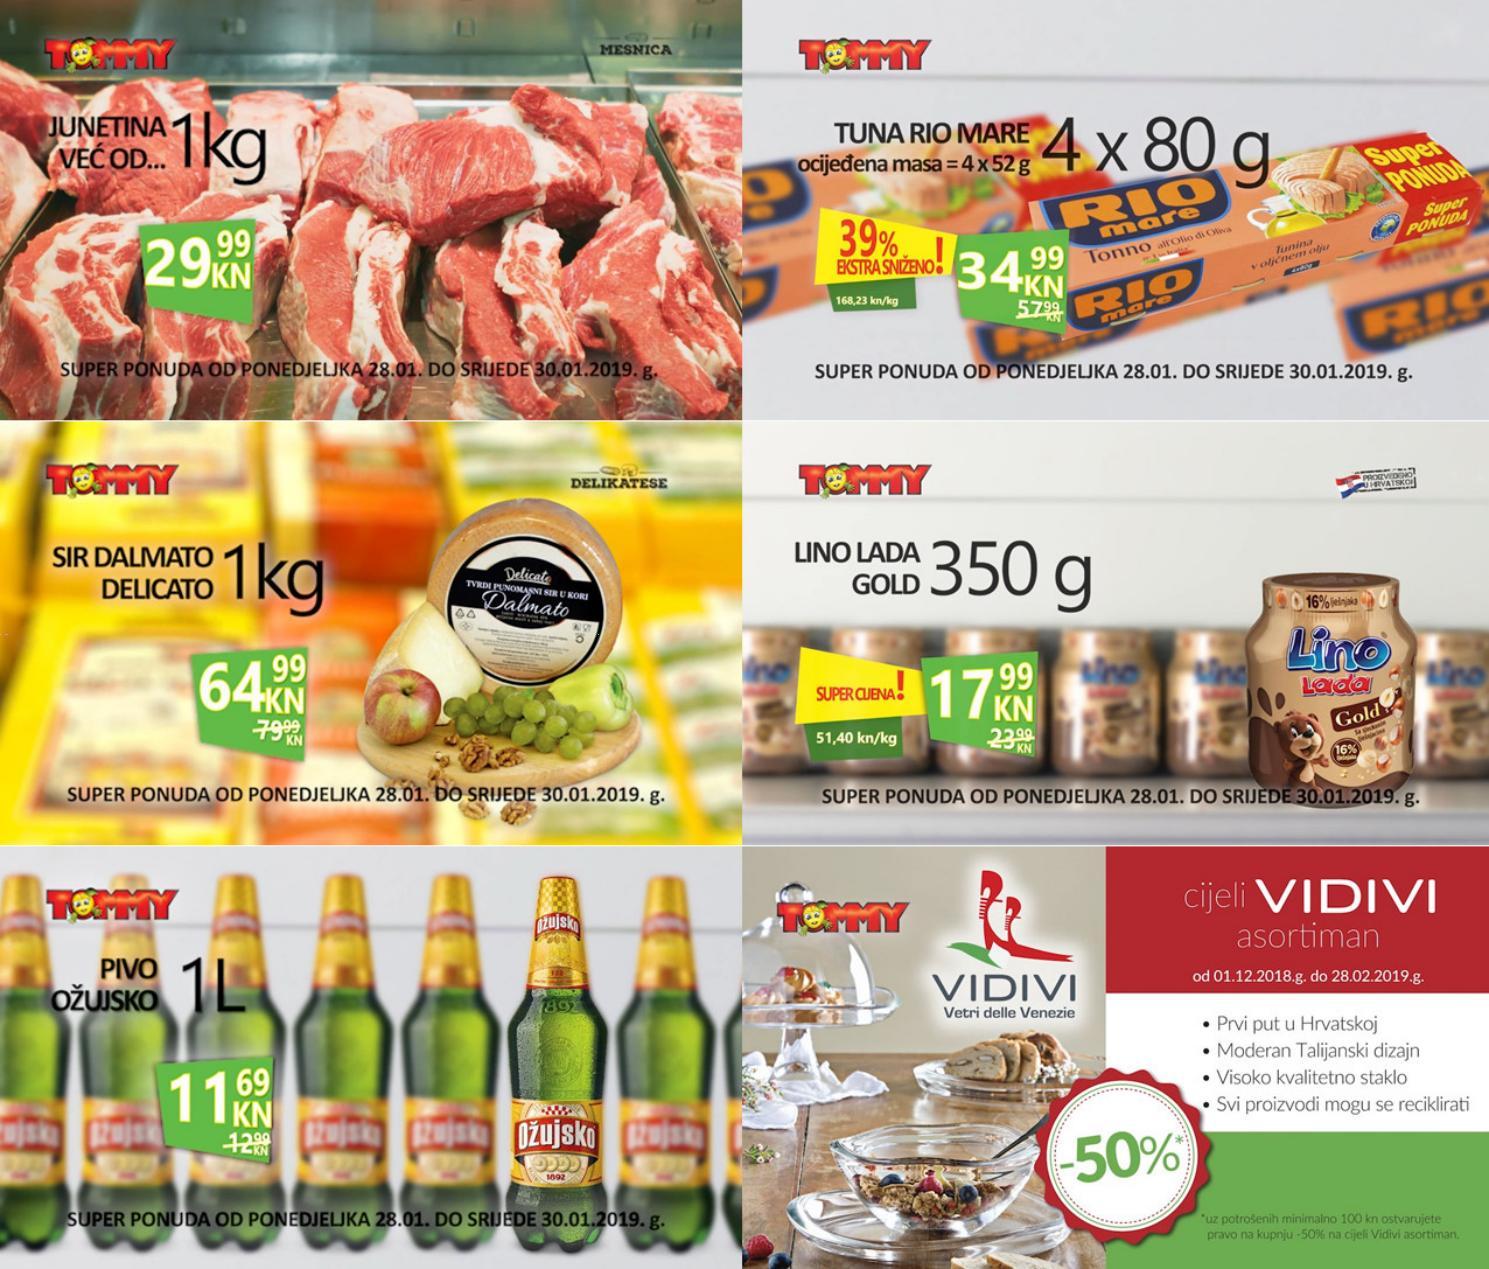 Nova Tommy super ponuda za početak tjedna. Od 28.- 30.01.2019. iskoristite nove super cijene u našim prodajnim centrima.